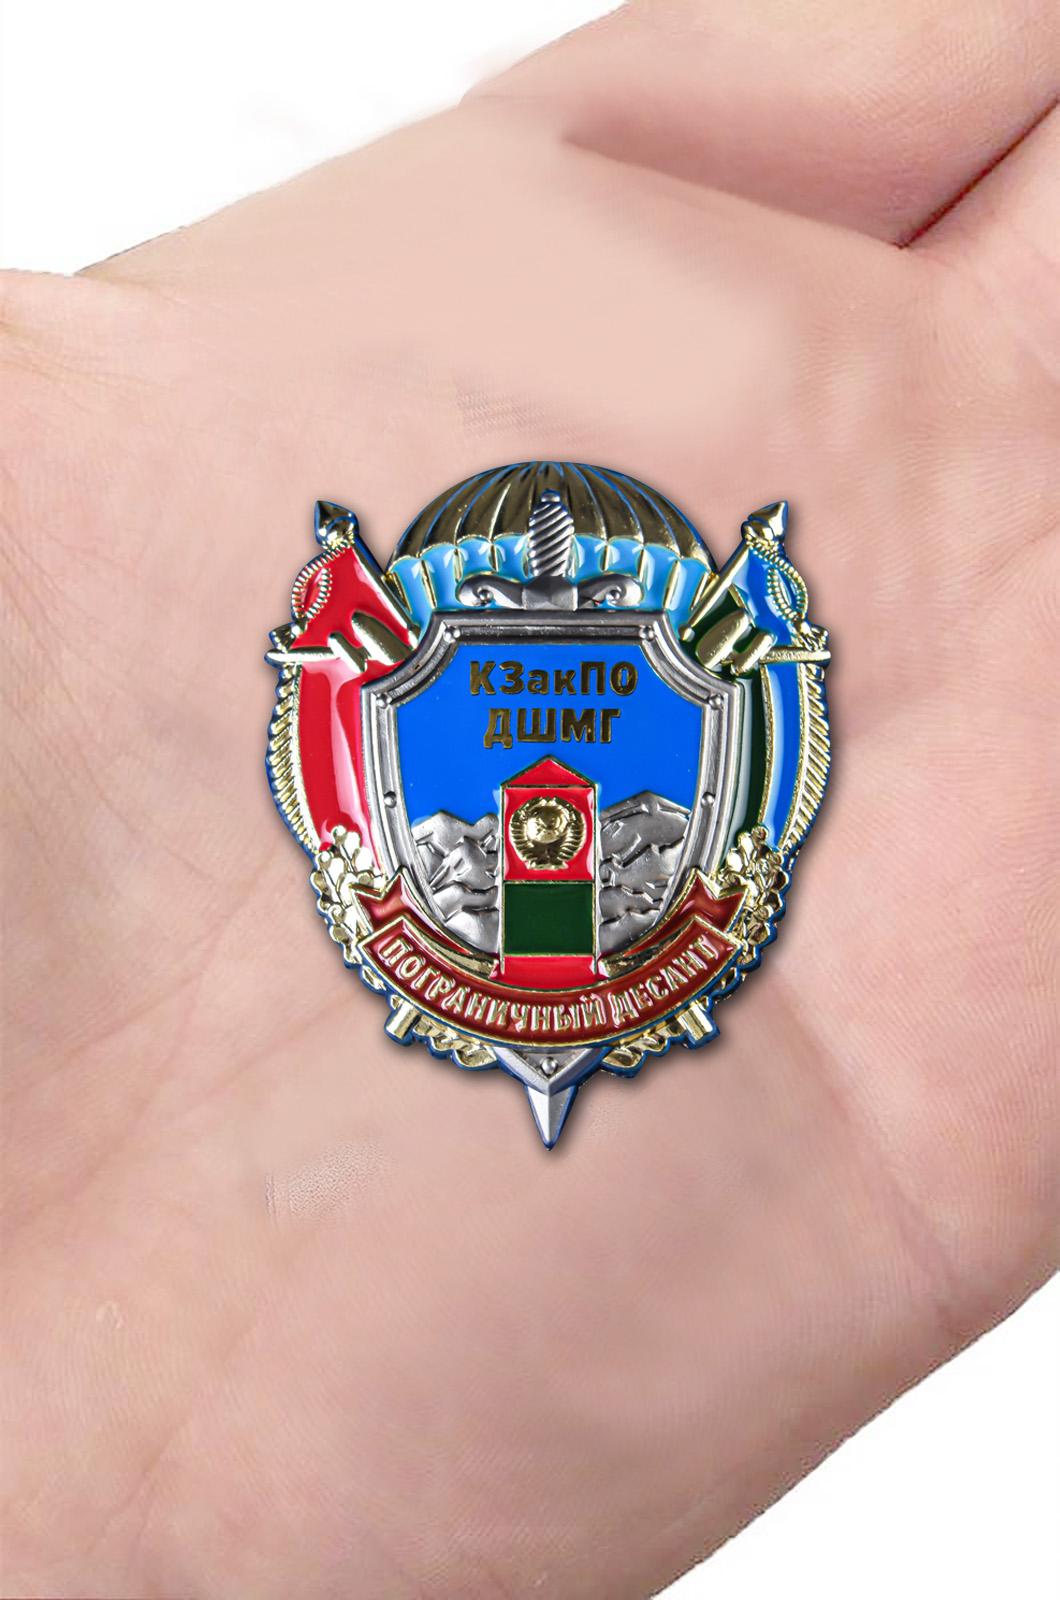 Памятный знак КЗакПО ДШМГ Пограничный десант - вид на ладони